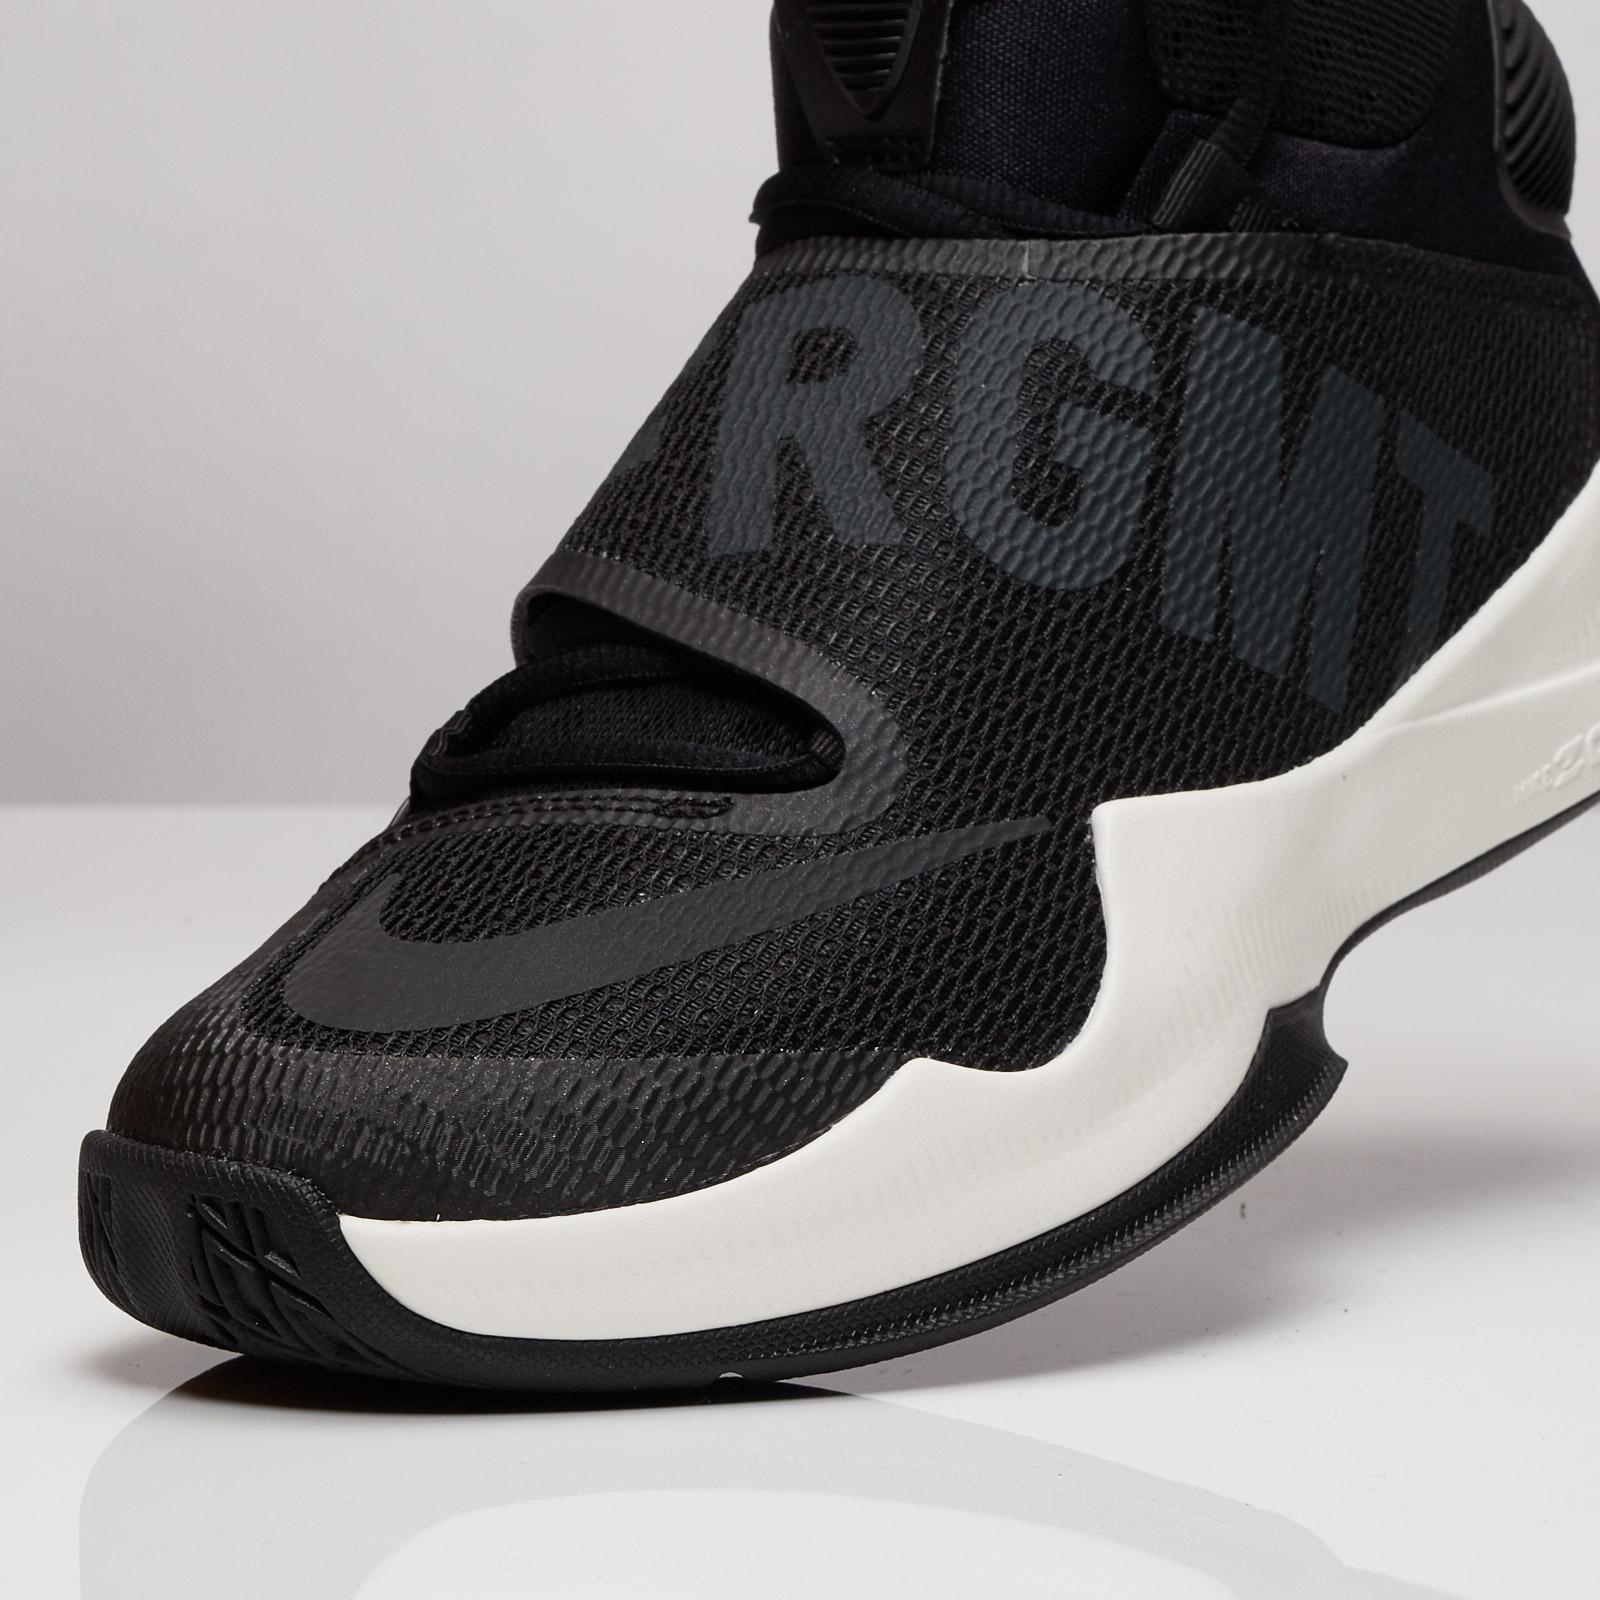 3bc3af411151 Nike Zoom Hyperrev 2016 Fragment - 848556-001 - Sneakersnstuff ...